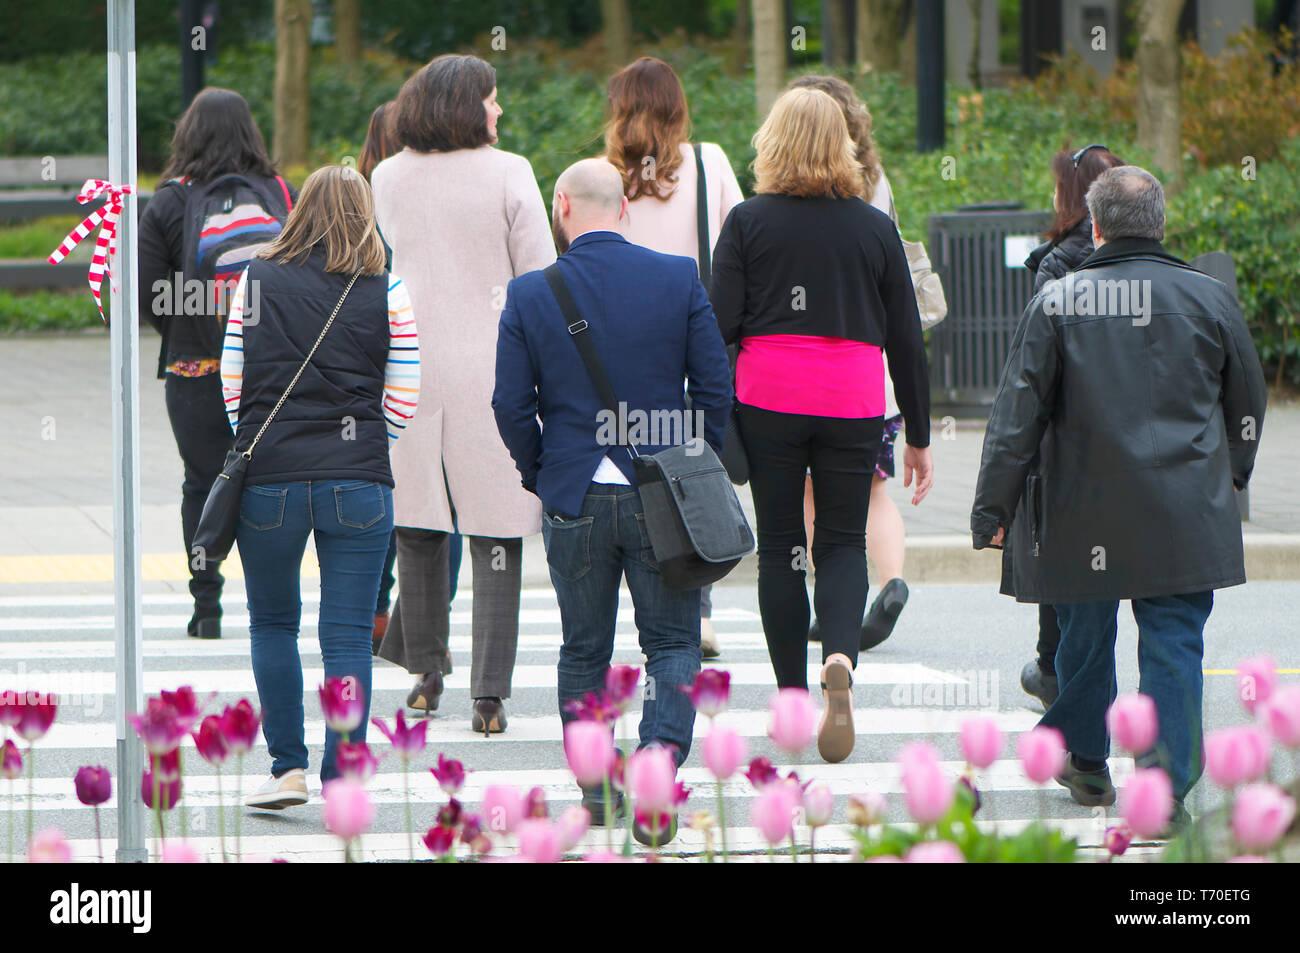 Un grupo de seguidores a caminar una milla en sus zapatos campaña por la igualdad de género de cruzar una calle. Imagen De Stock